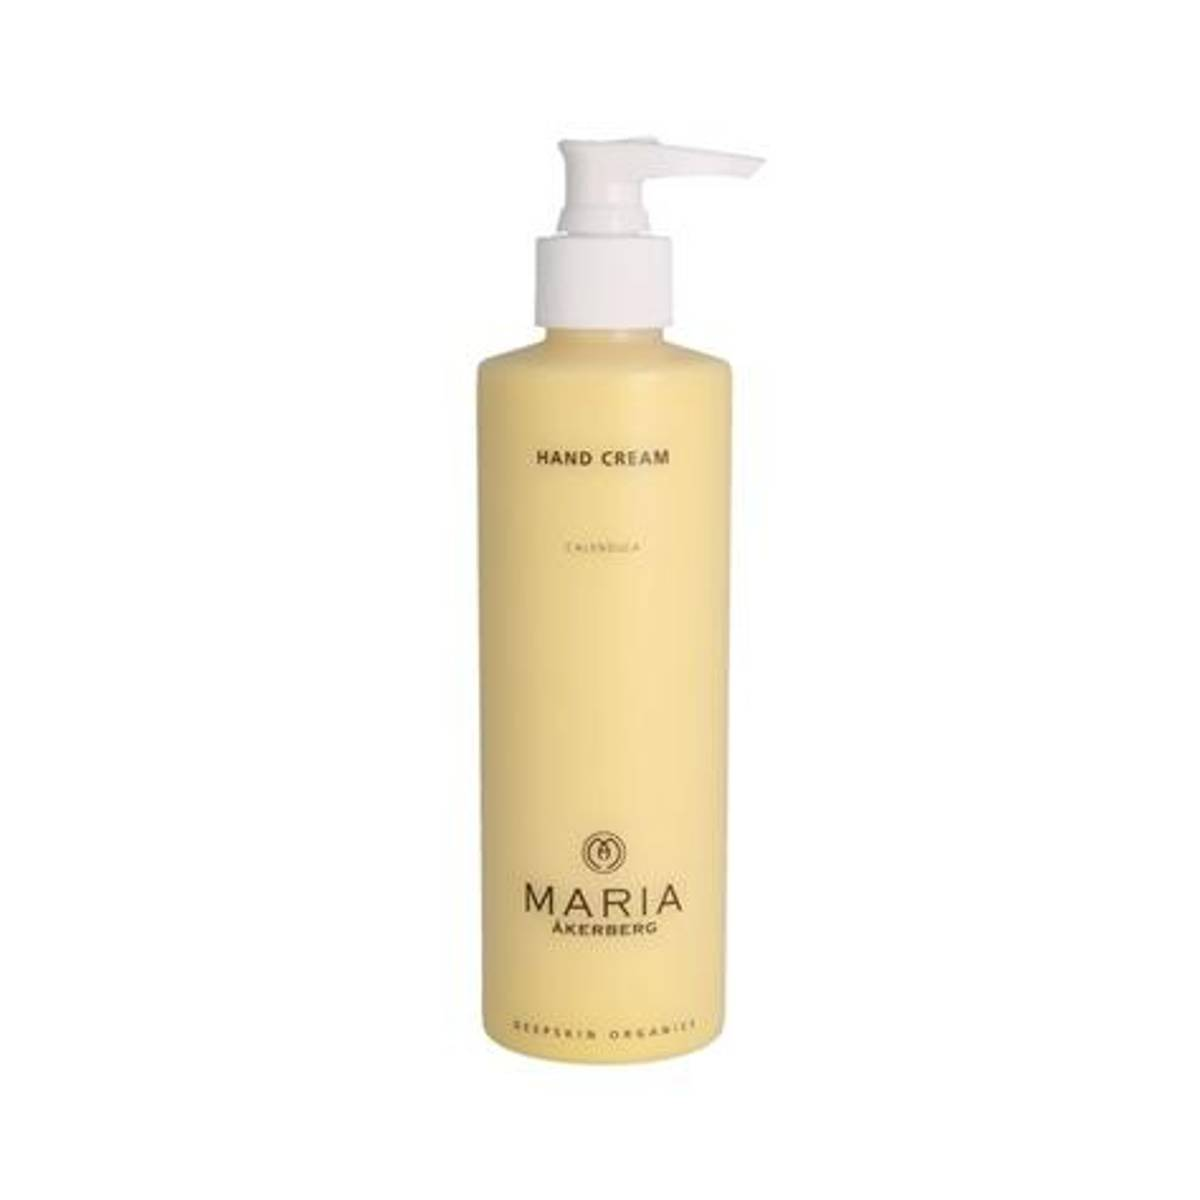 MÅ Hand Cream Calendula 250 ml